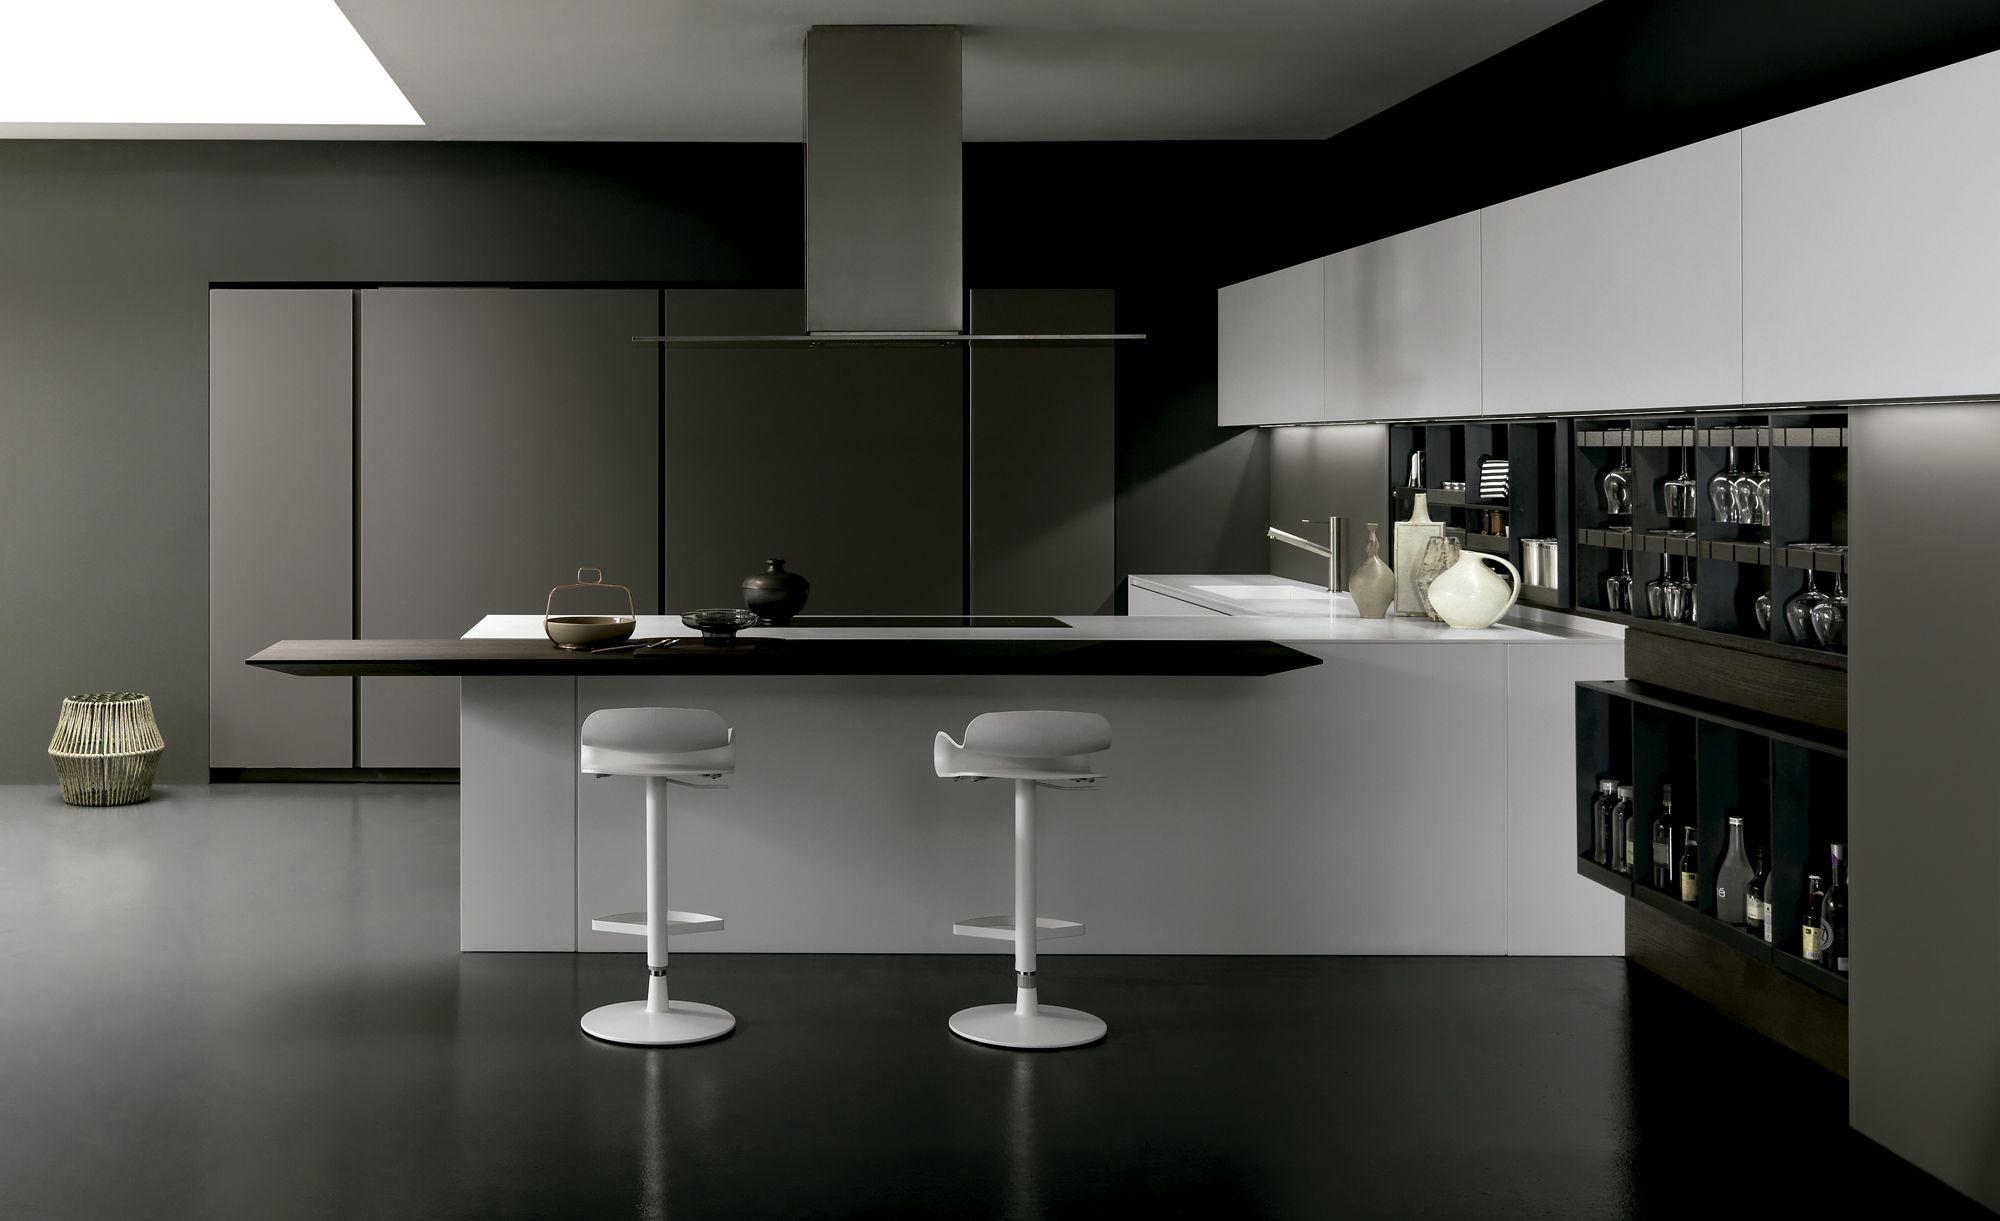 Light matheria proyectos de cocina ba o e interior for Proyectos de cocina